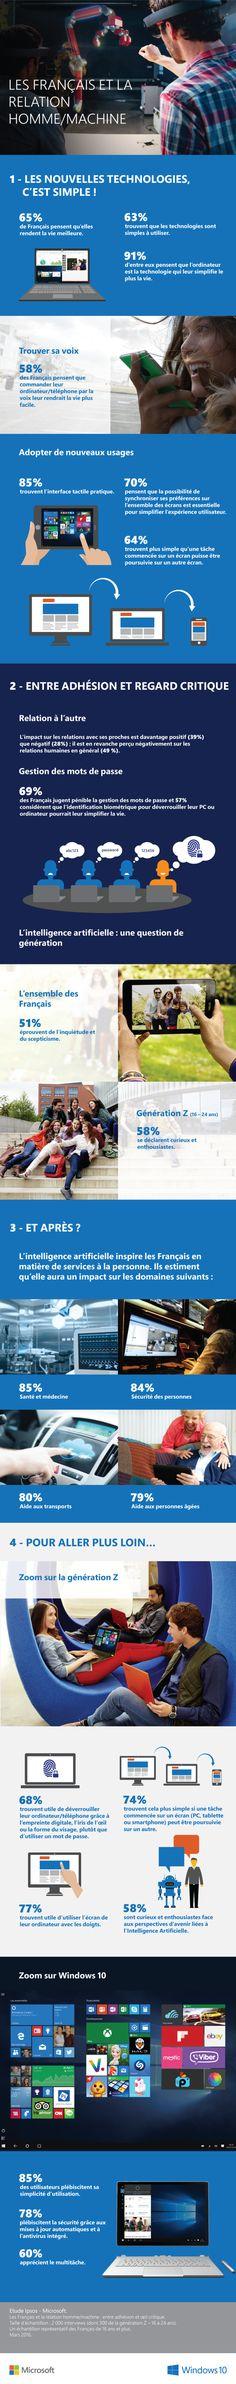 Les Français méfiants mais pas en retard sur les technologies